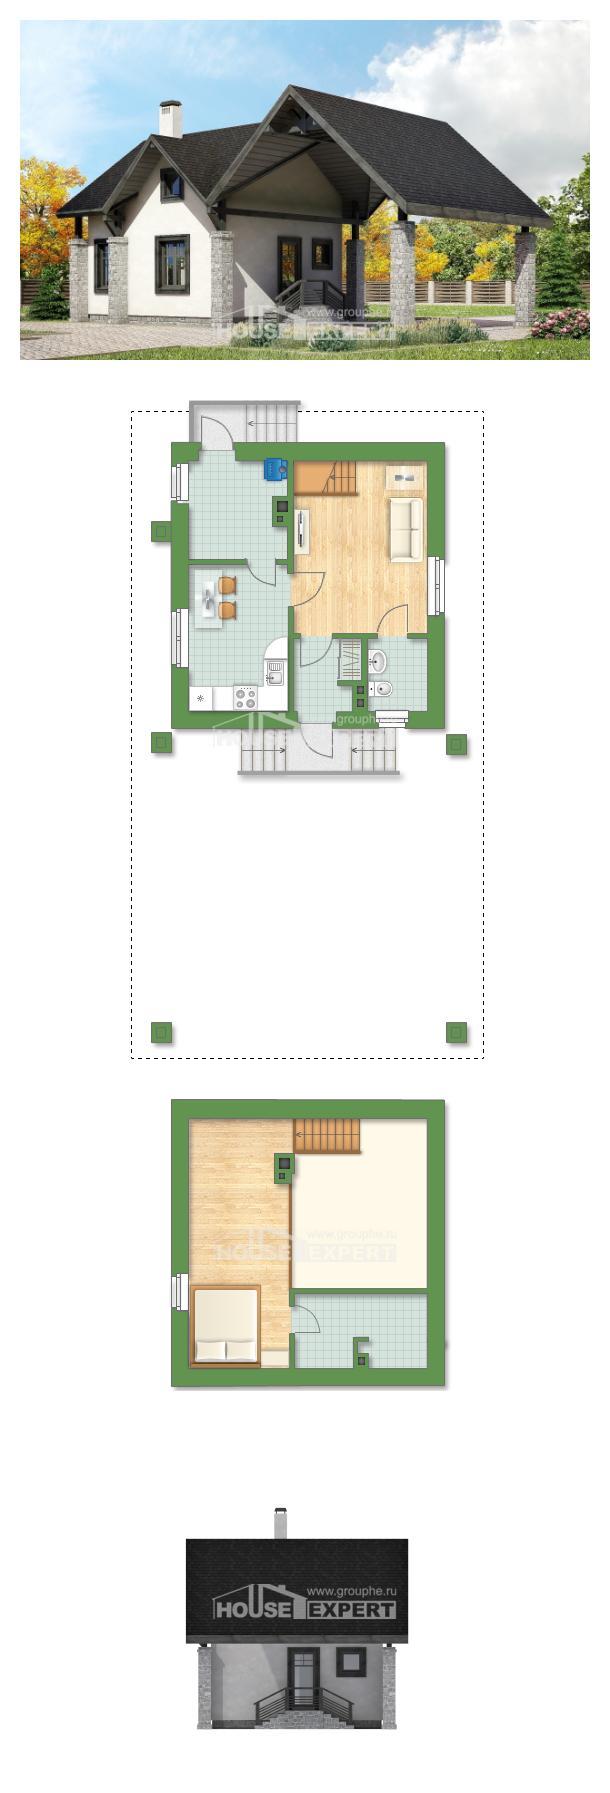 Plan 060-001-R   House Expert